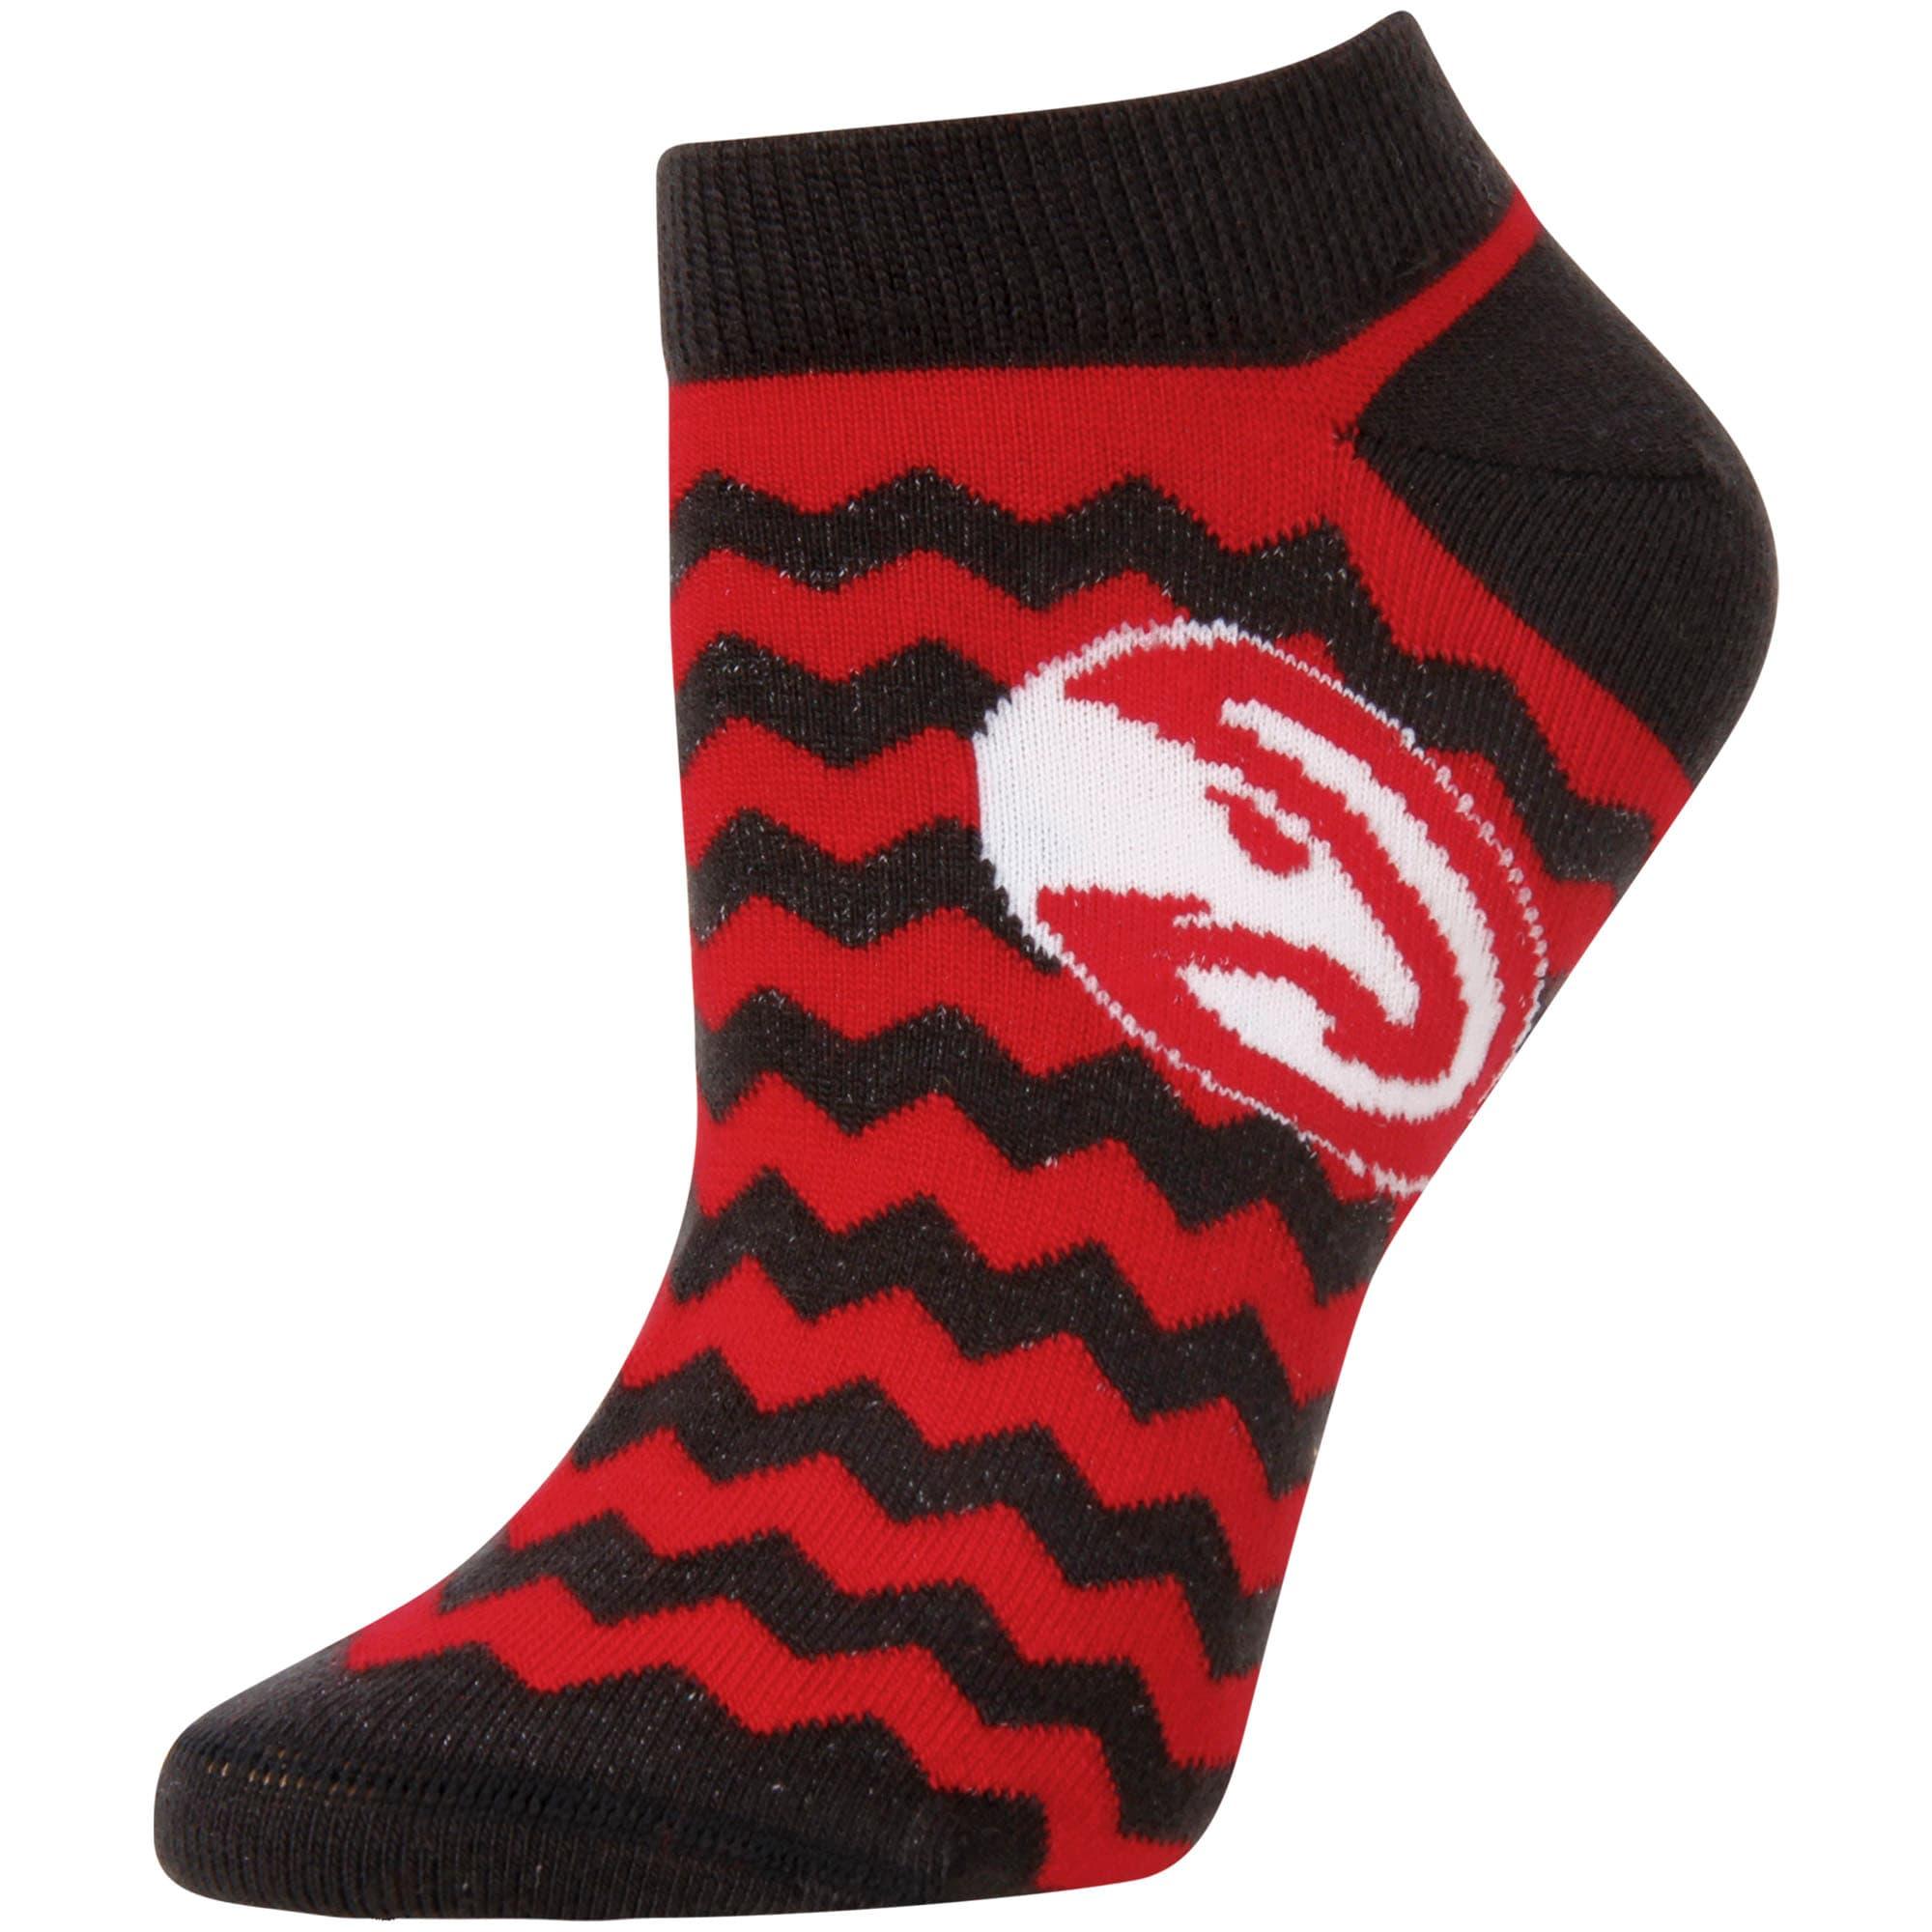 Atlanta Hawks For Bare Feet Women's Chevron Stripe Ankle Socks